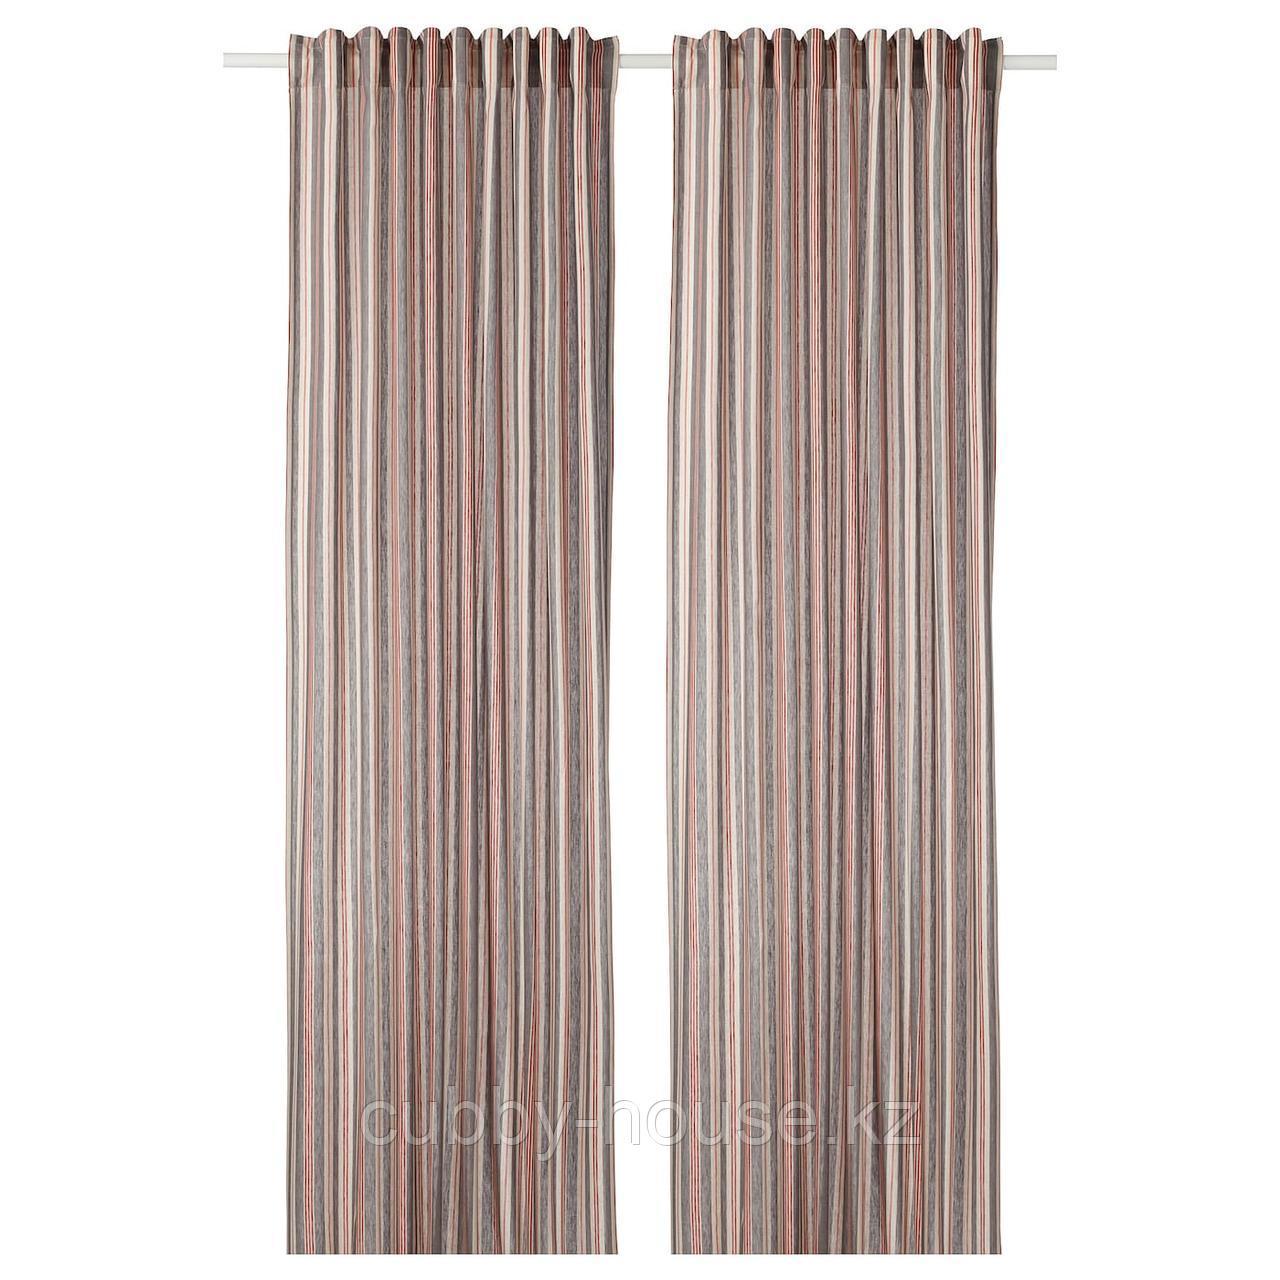 БЕРГСКРАББА Гардины, 1 пара, серый, красный в полоску, 145x300 см